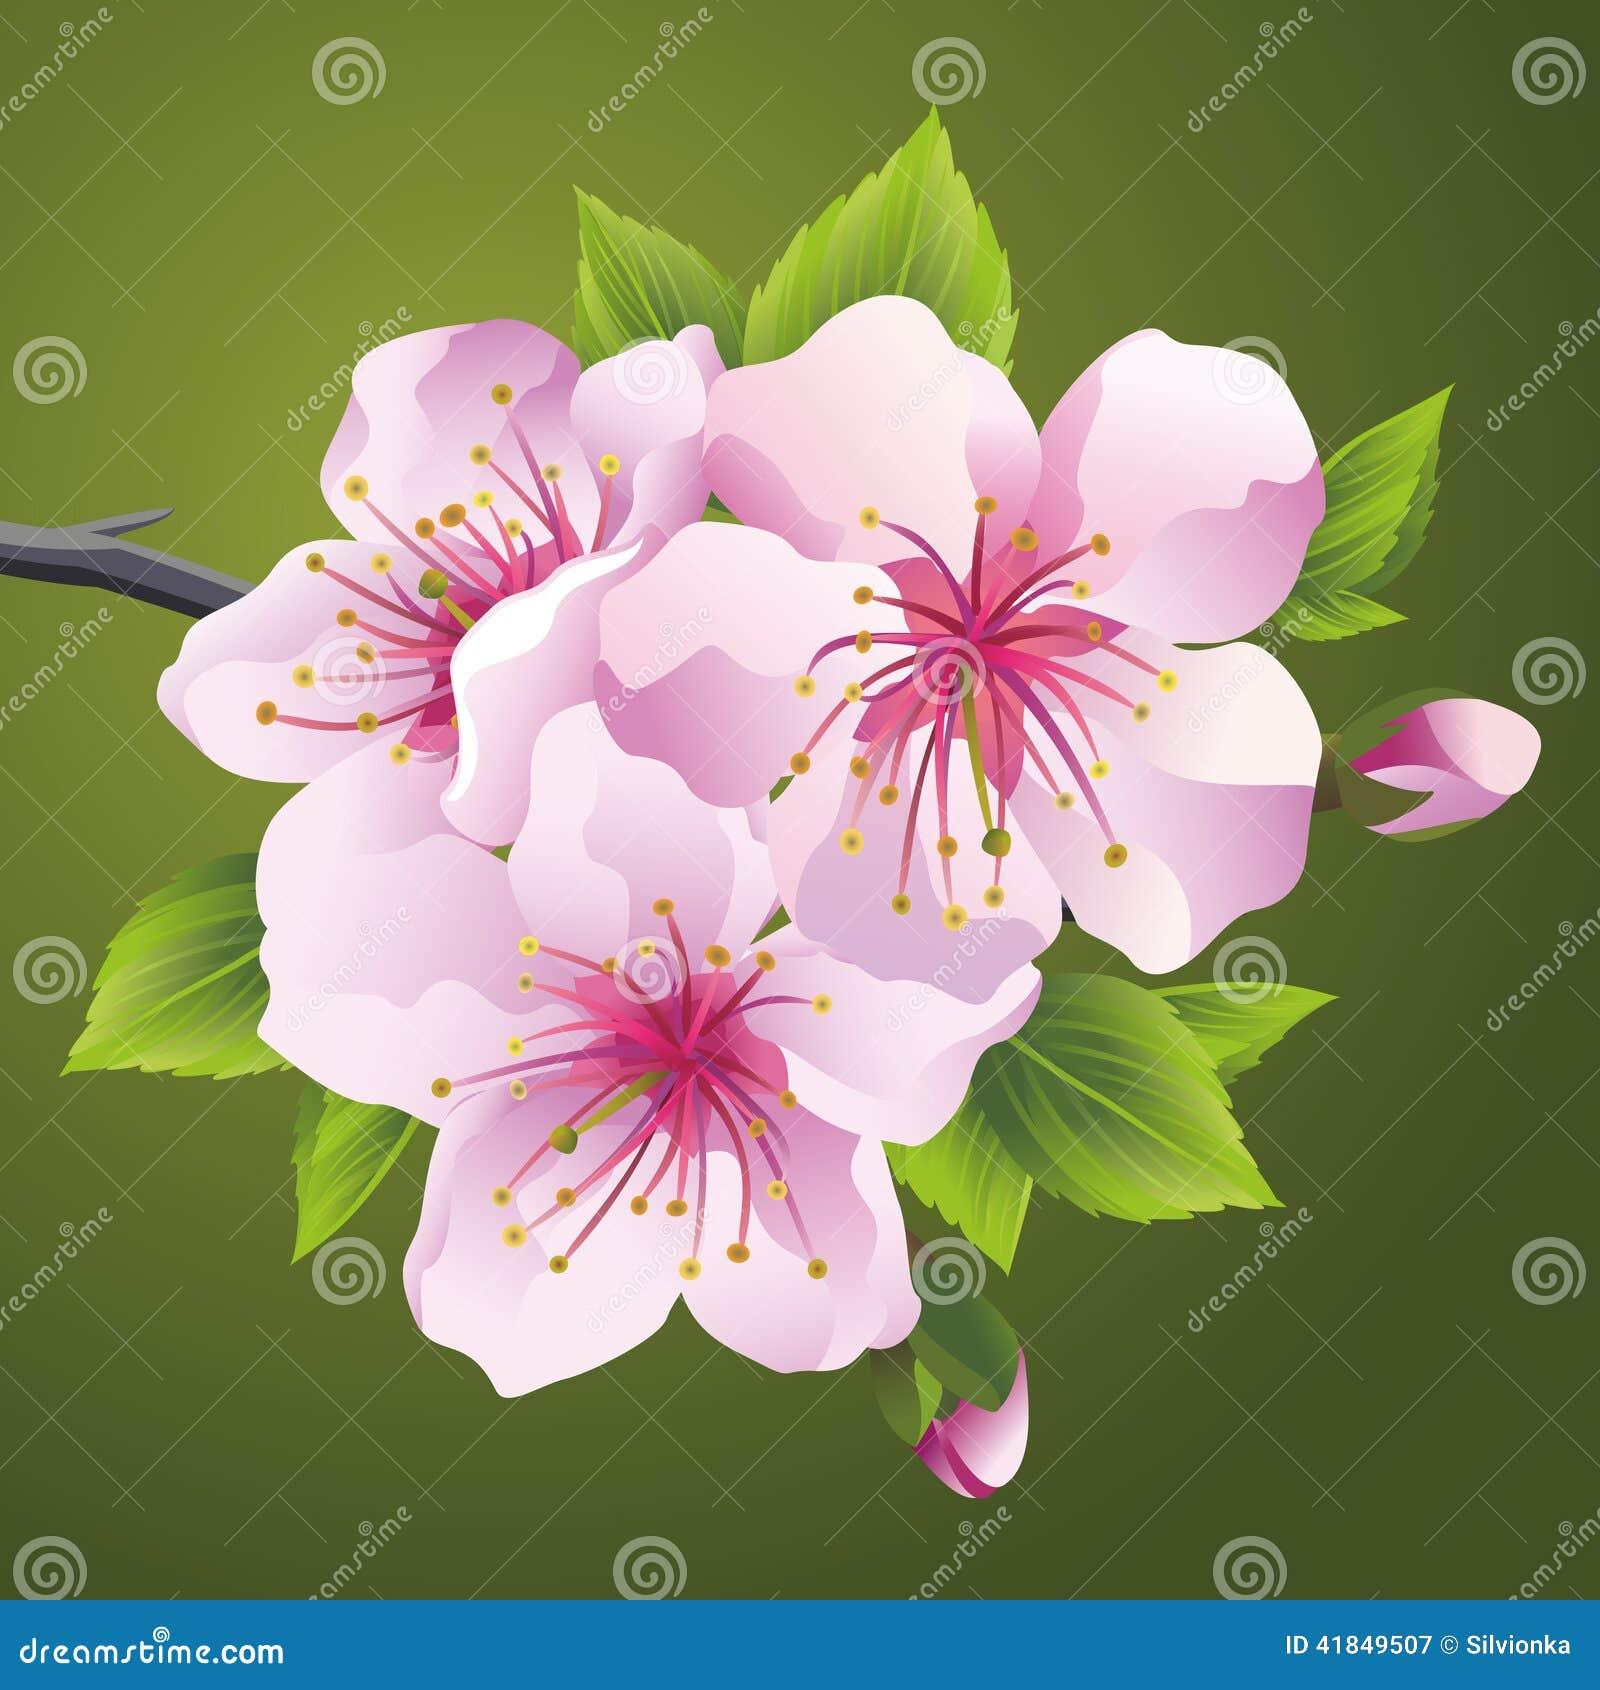 Branche se d veloppante d 39 arbre japonais sakura illustration de vecteur image 41849507 - Arbre japonais rose ...